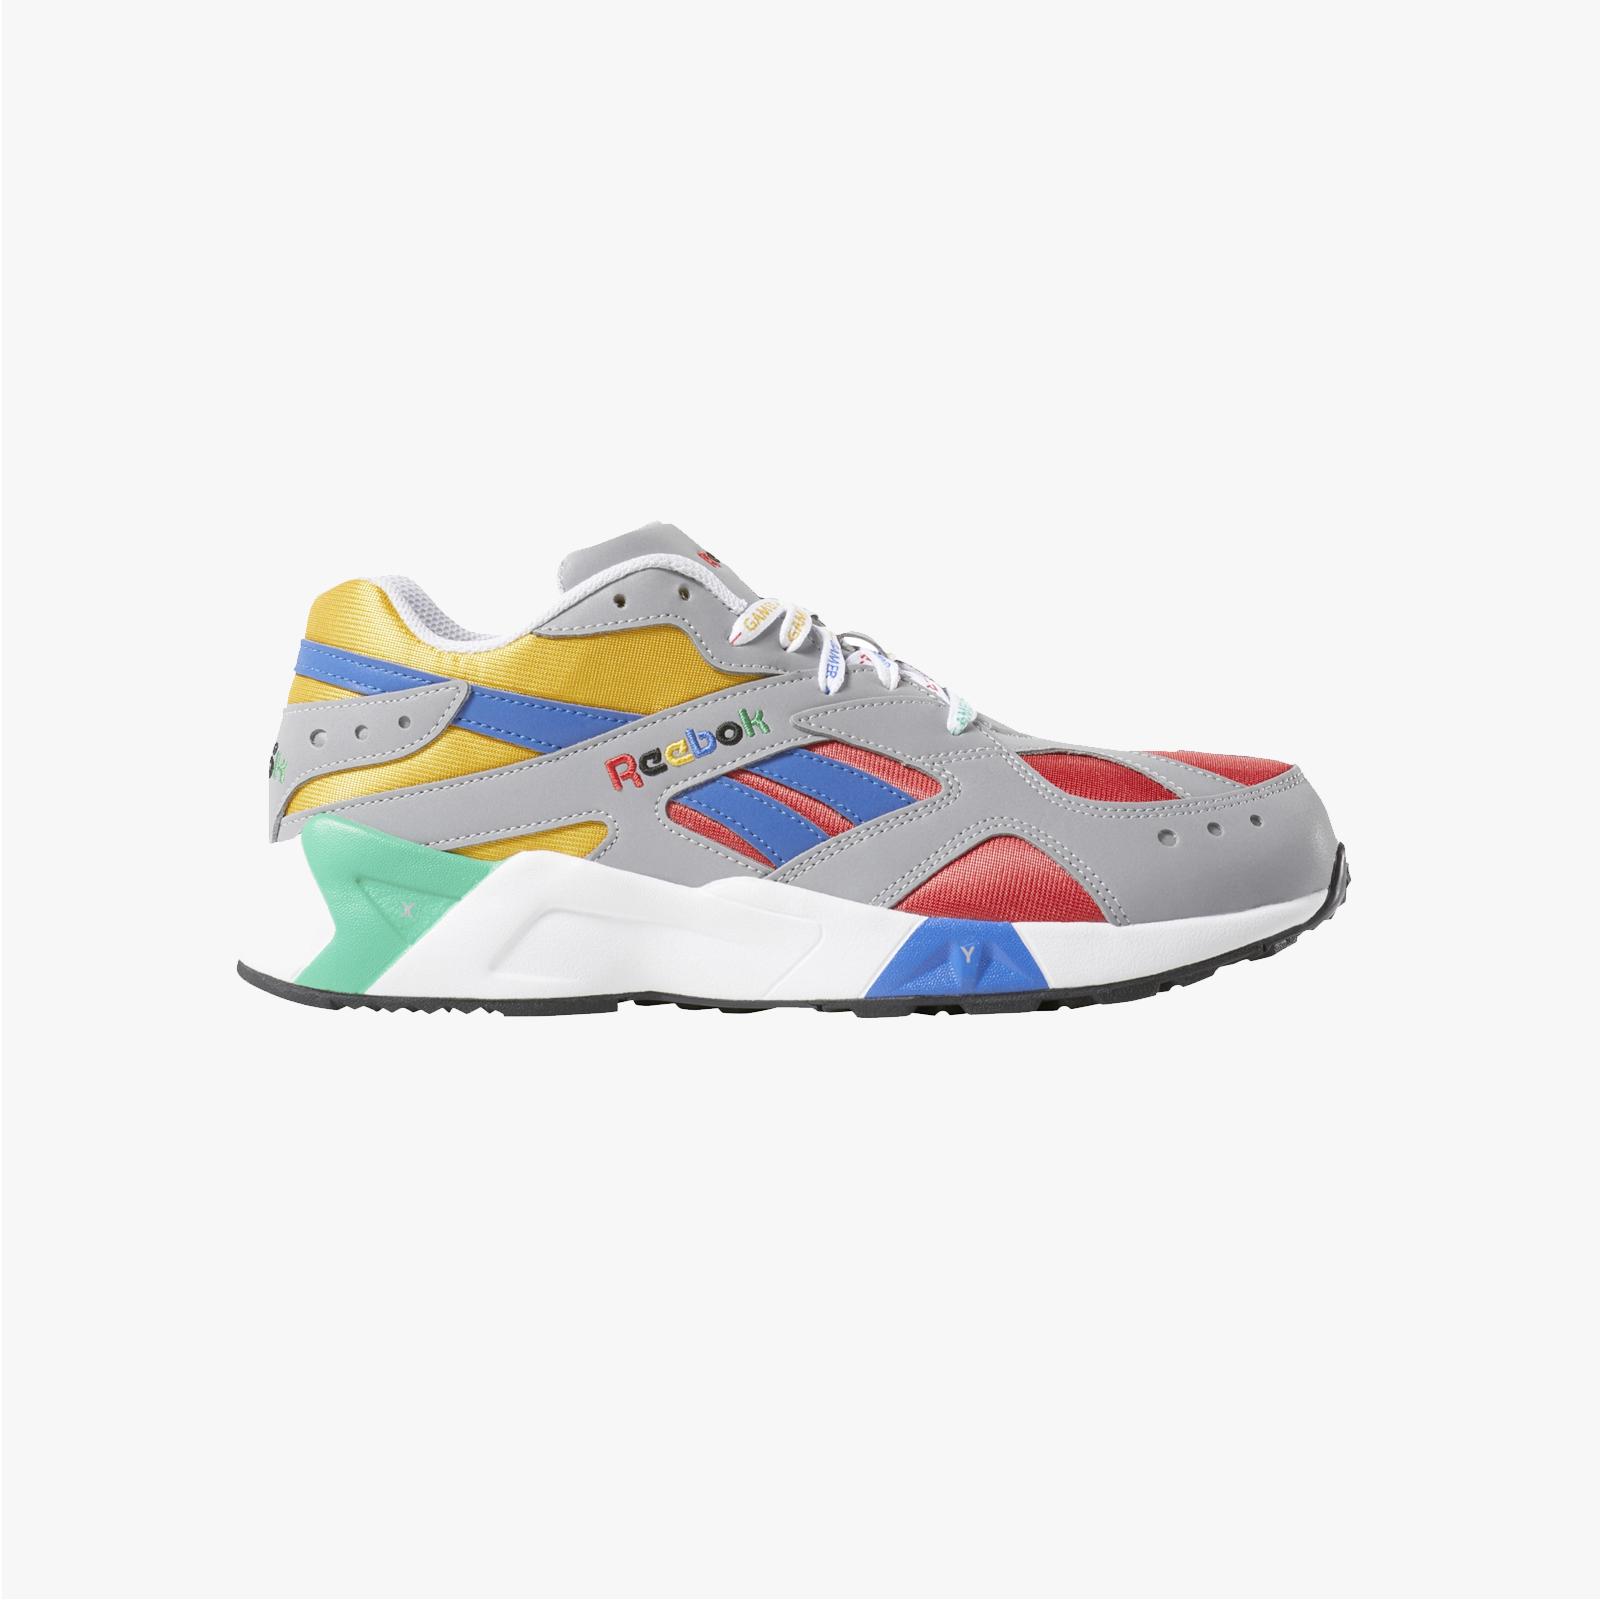 6ac9af23ef5 Reebok Aztrek x Billys - Dv5380 - Sneakersnstuff